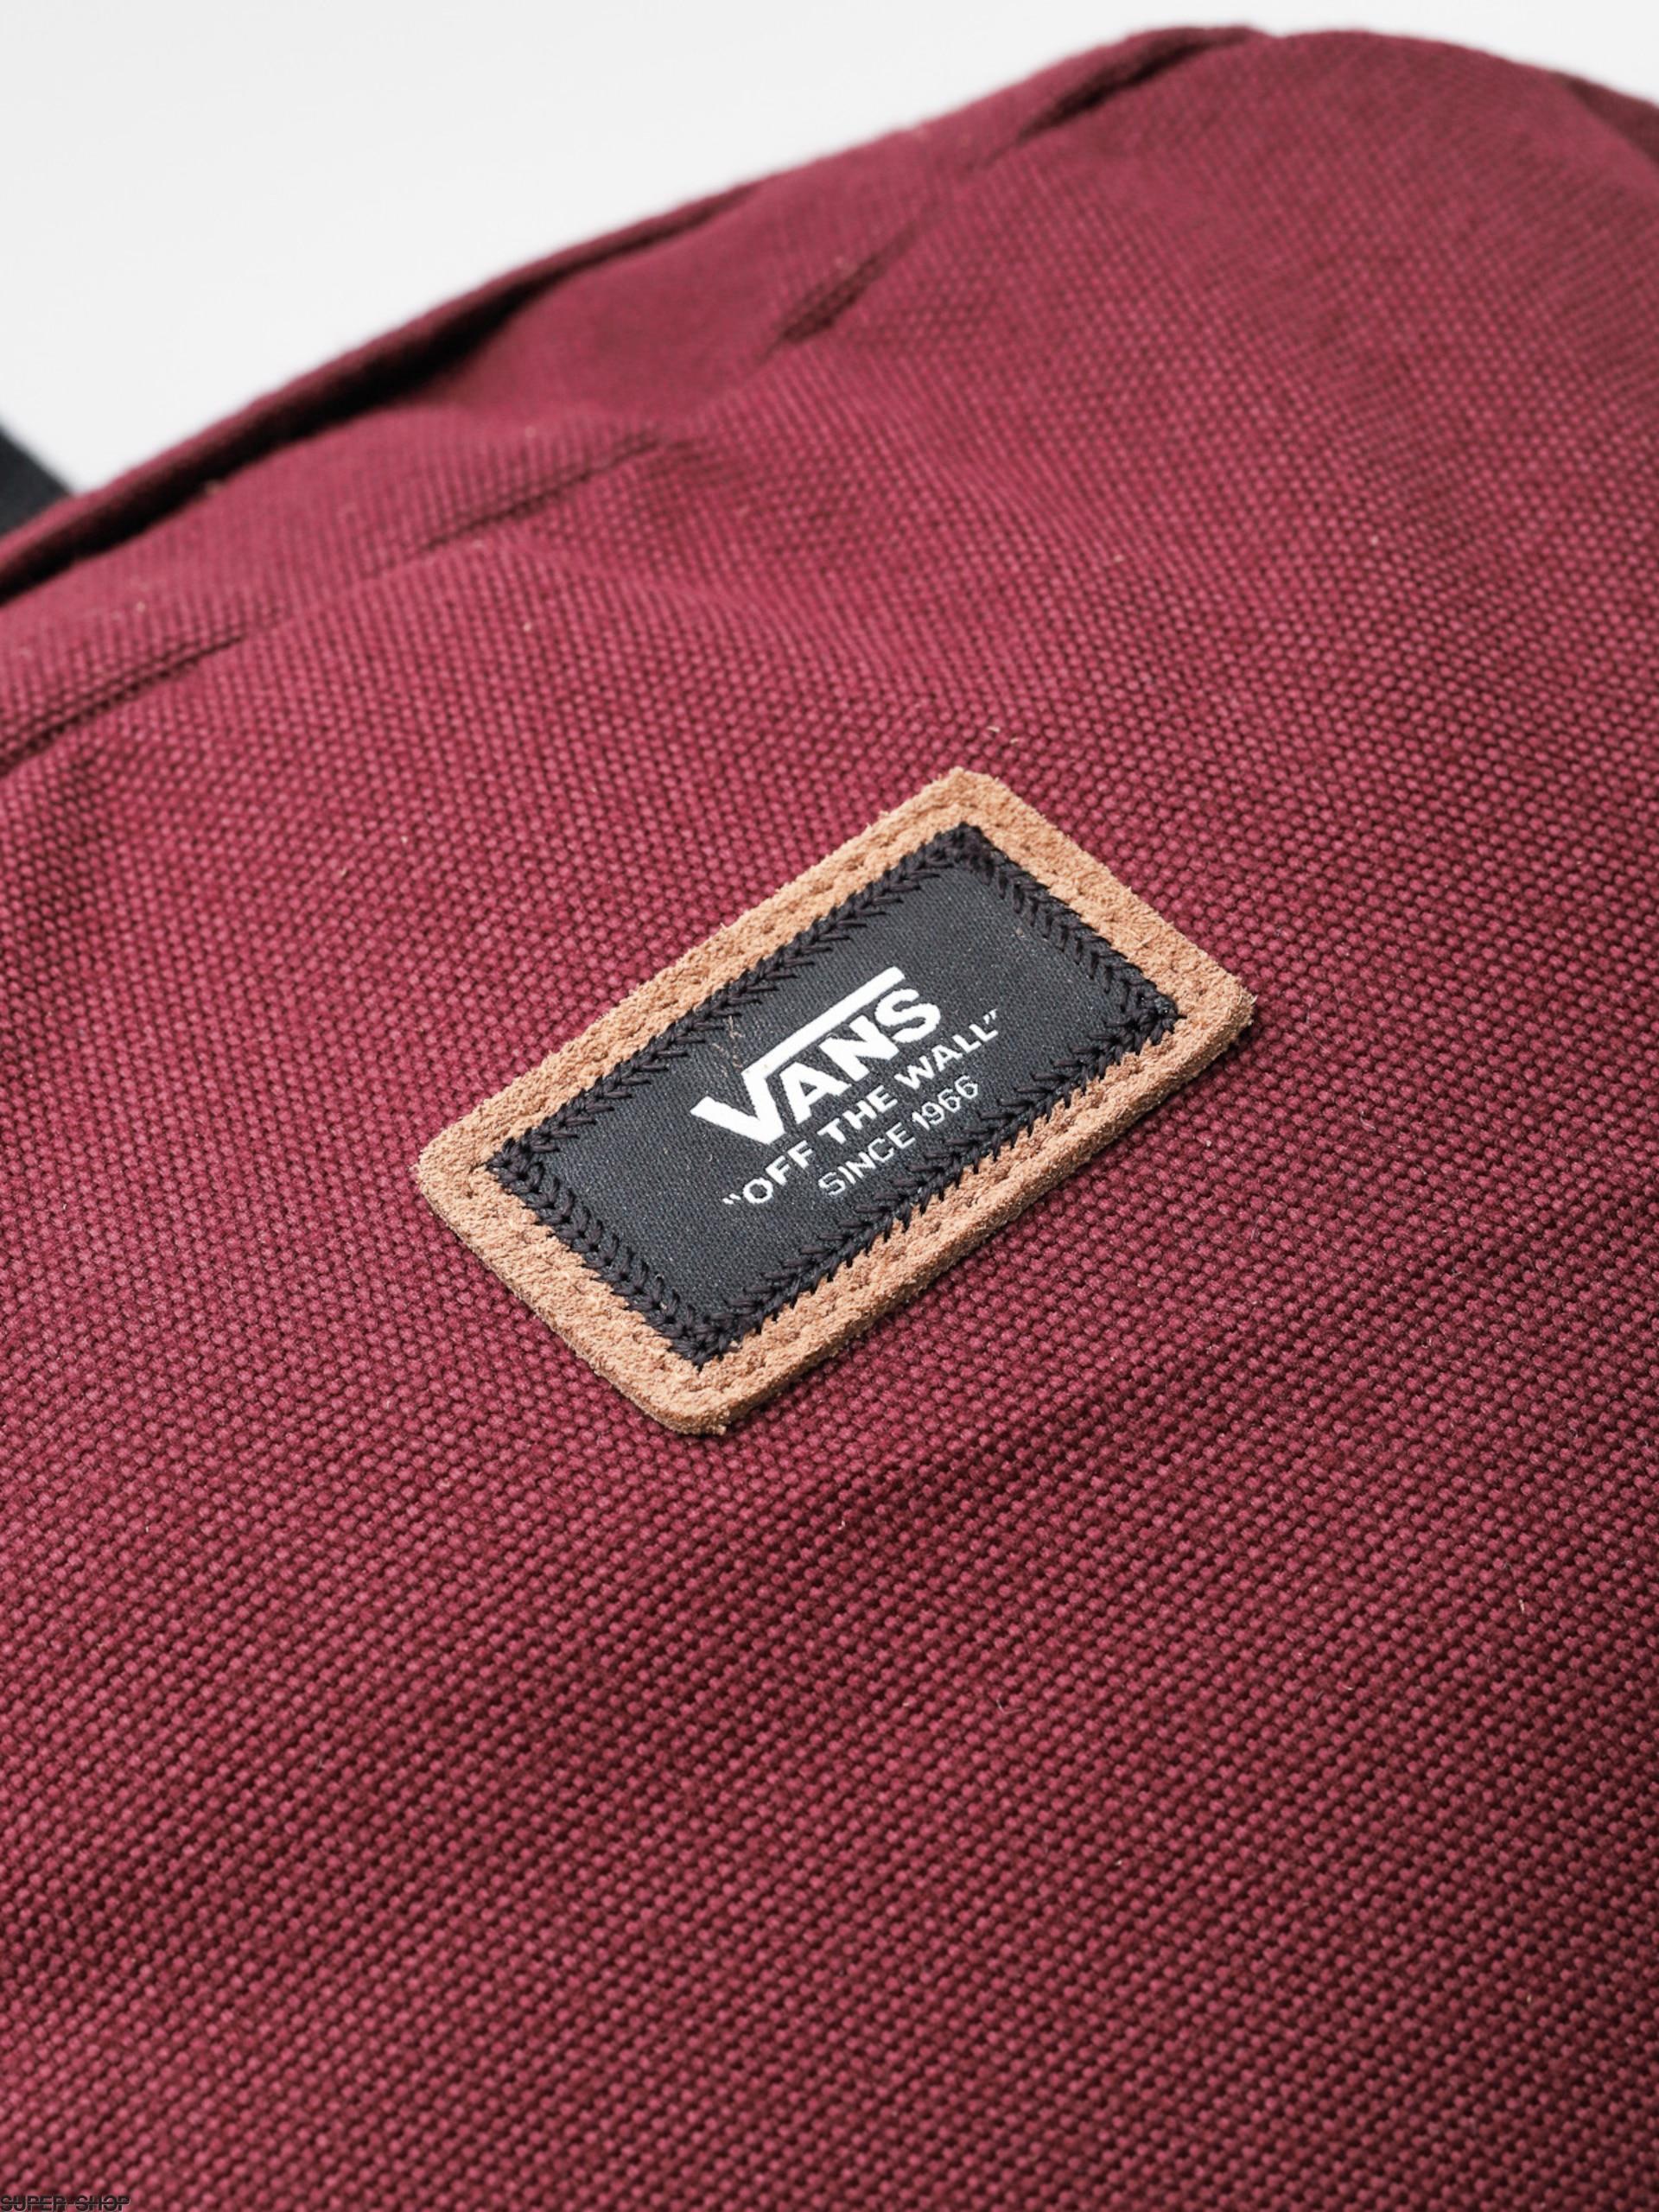 962a6922dfdb4 static.super-shop.com/960555-w1920-vans-backpack-o...